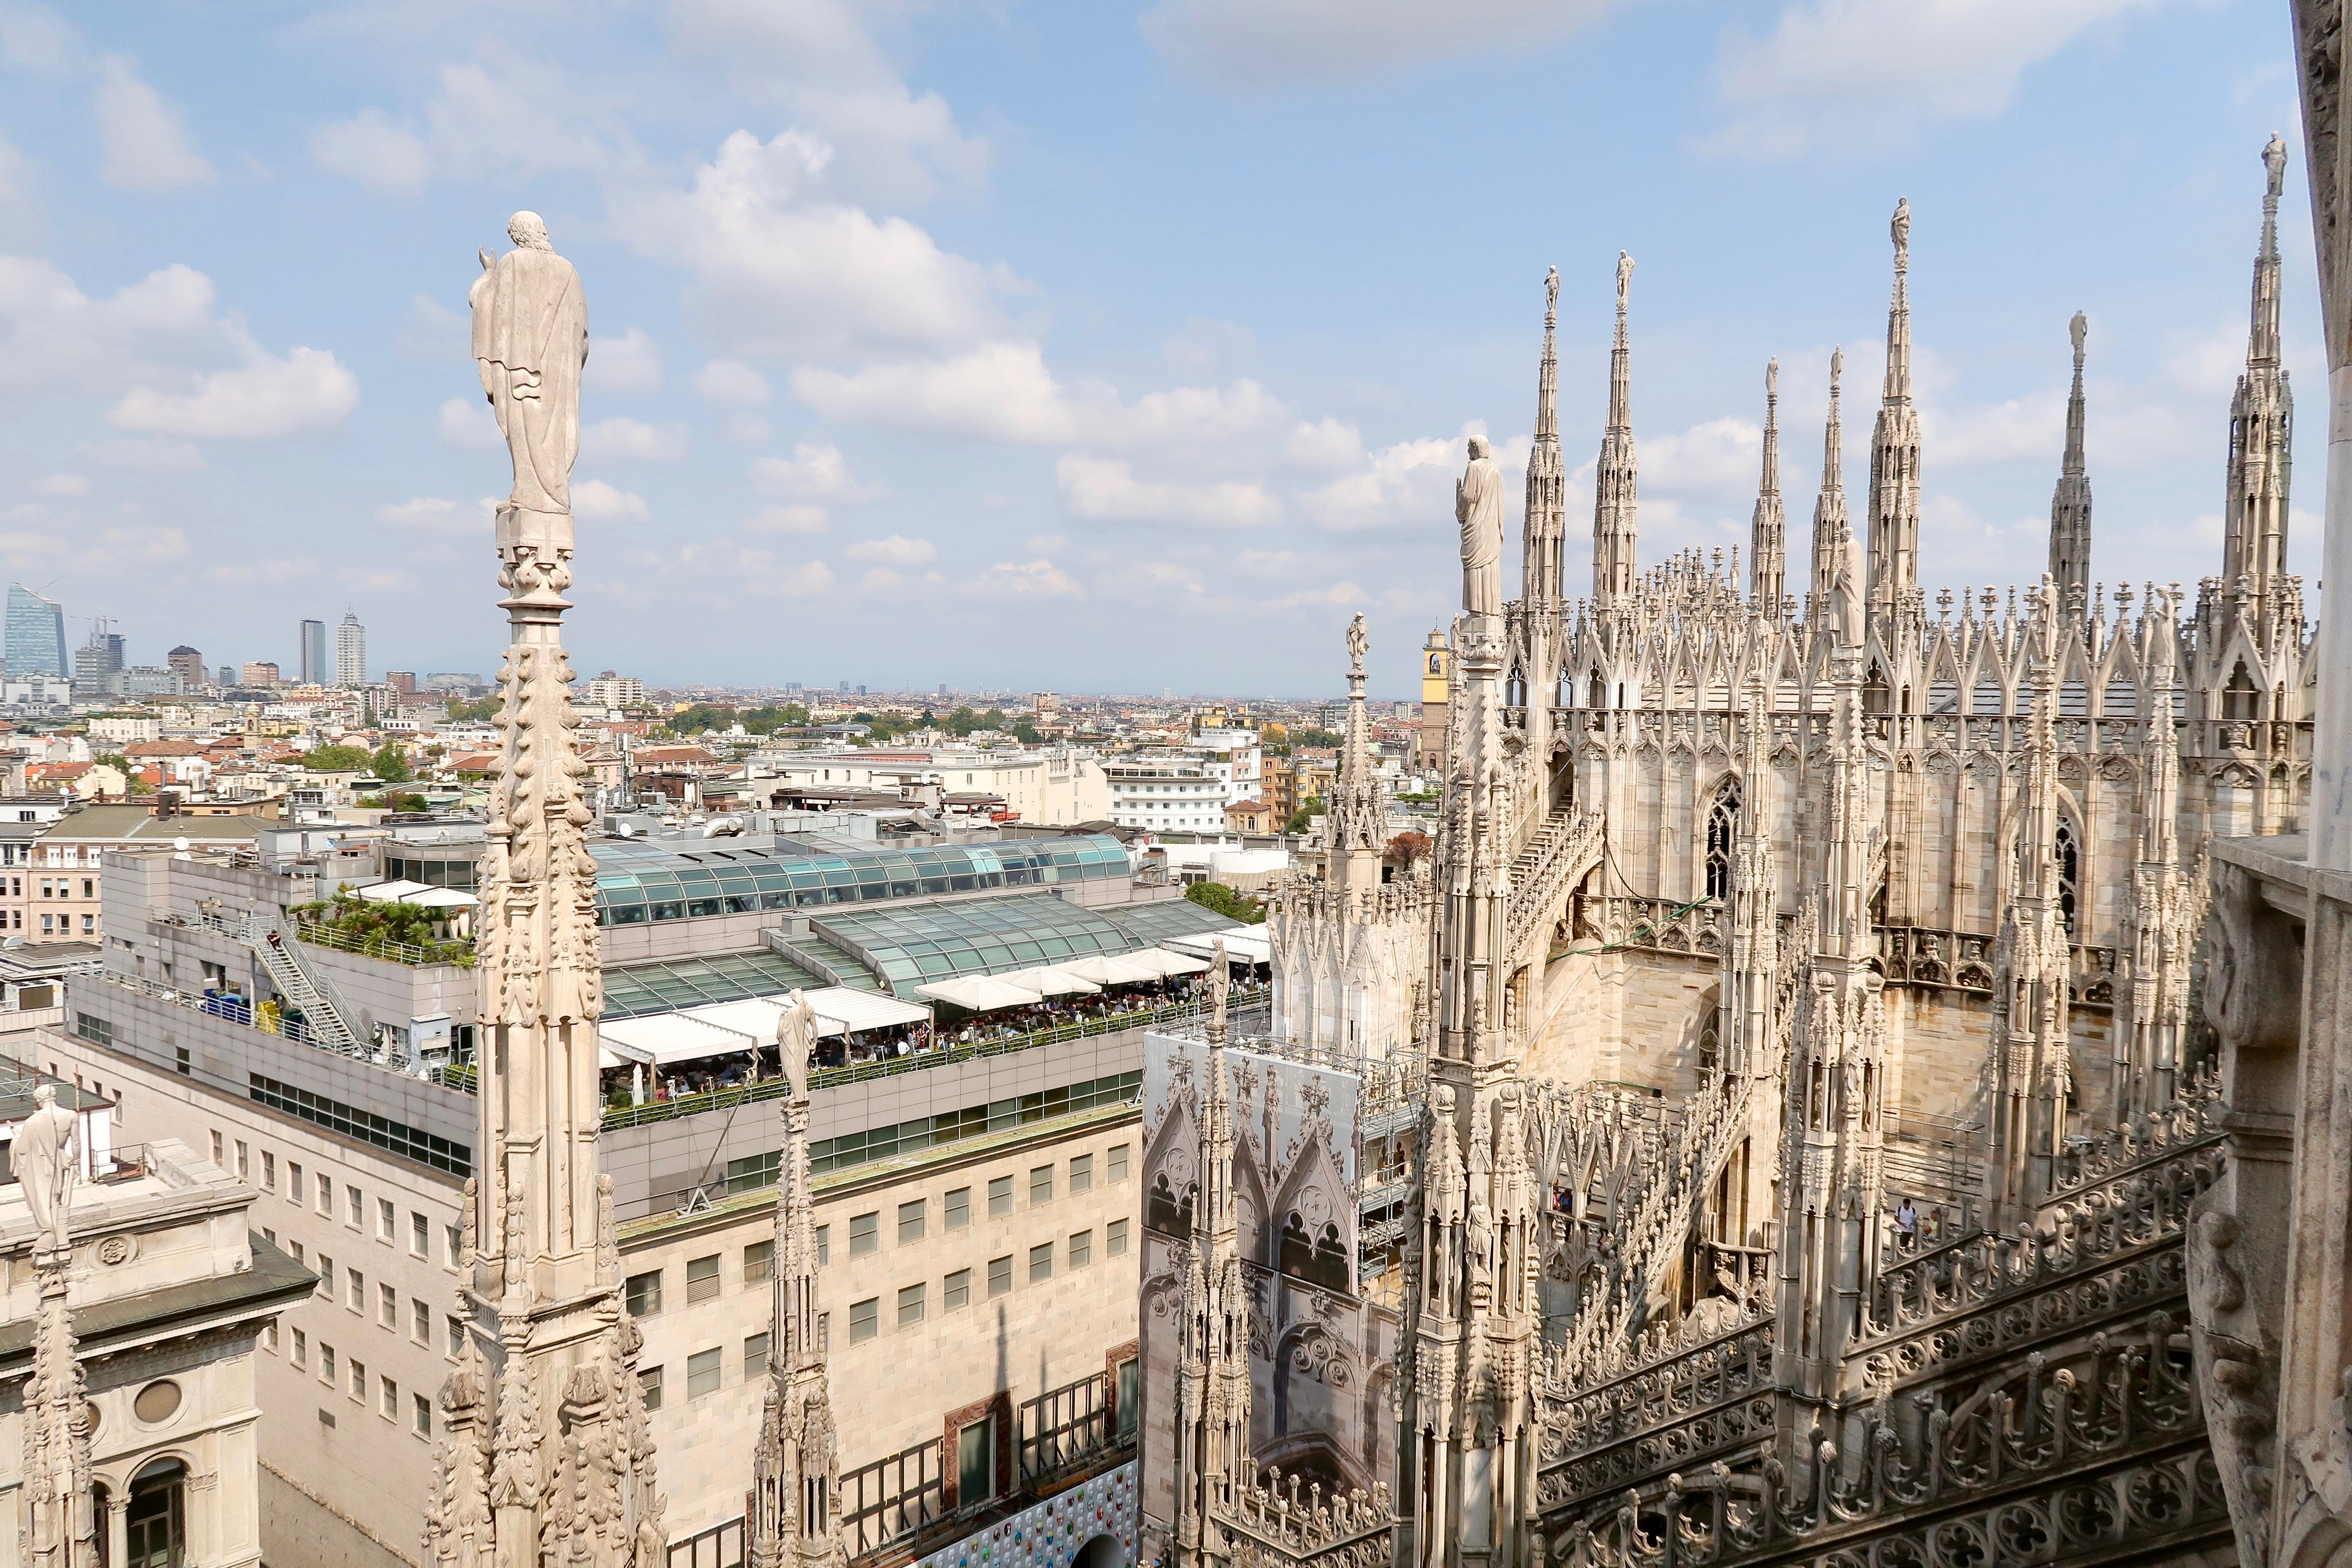 Mailand: vom Dach des Doms hat man eine wunderbare Aussicht, nicht nur auf den Dom selbst, sondern auch auf die Skyline von Mailand